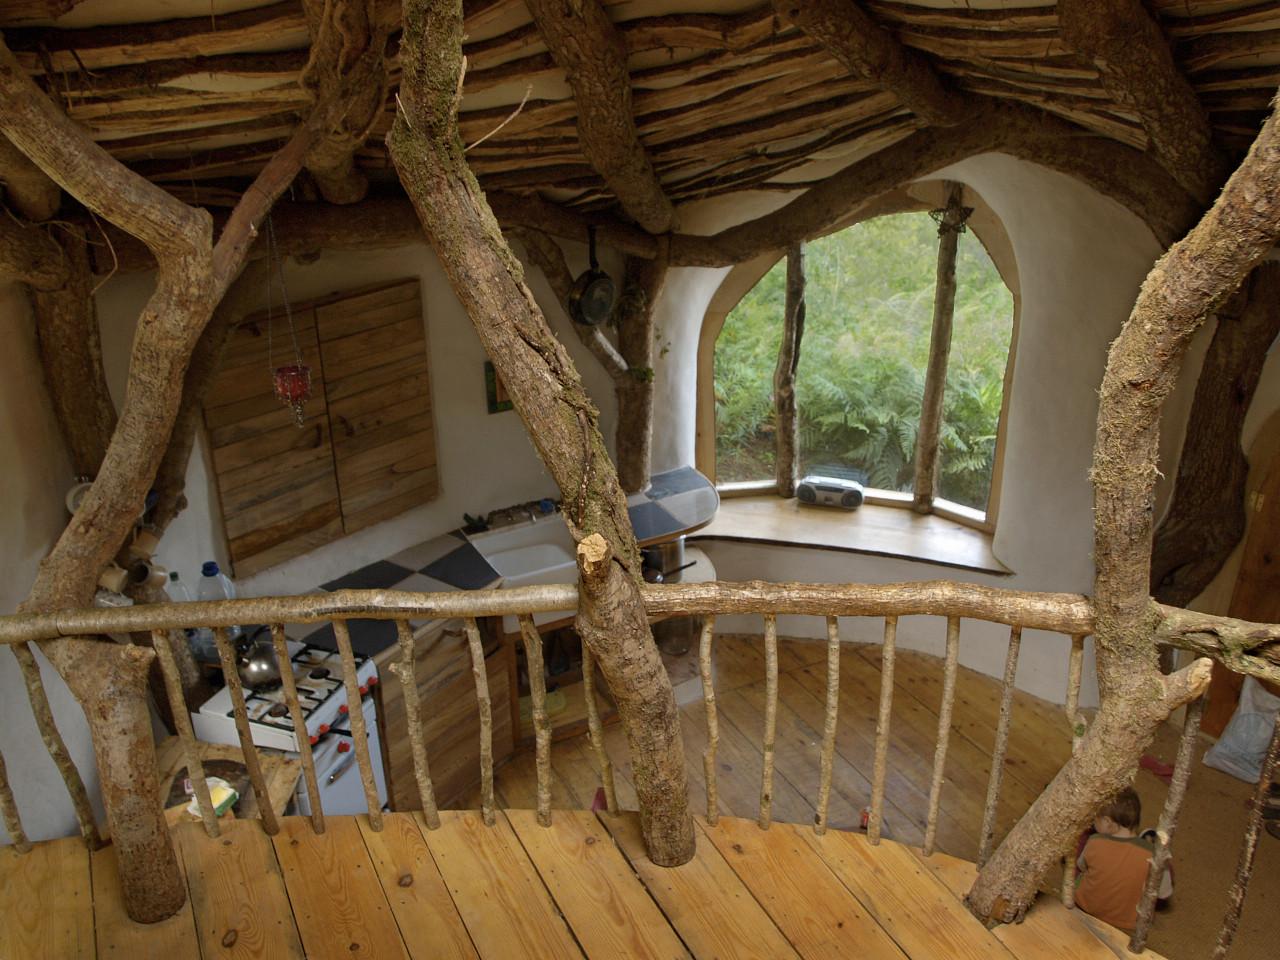 Balcony of Hobbit Home